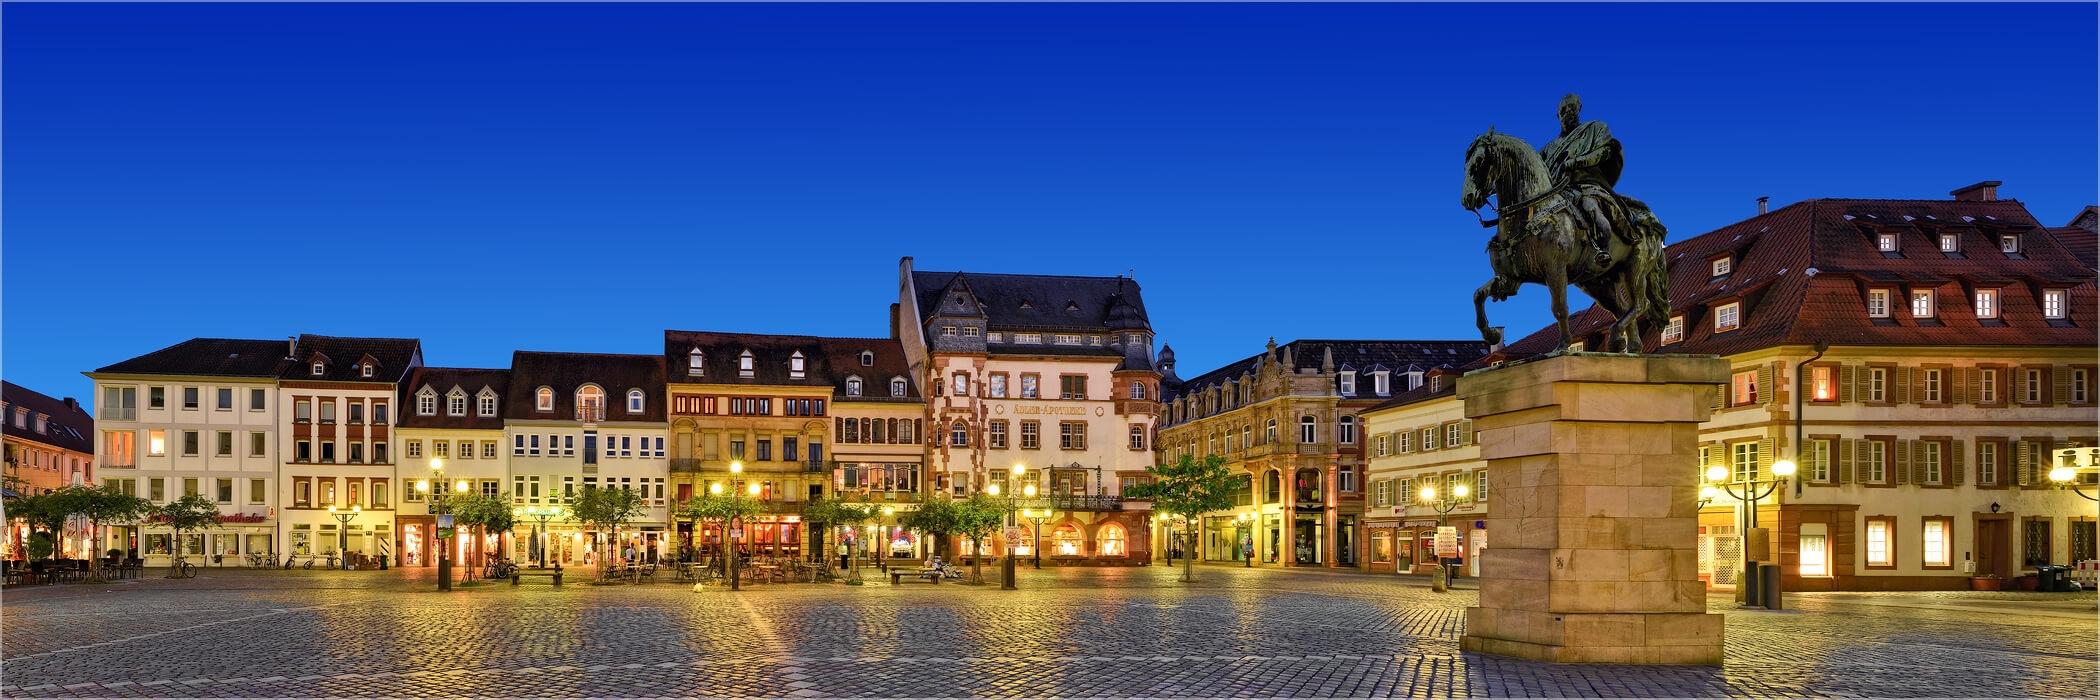 Panoramafoto Landau Marktplatz Pfalz